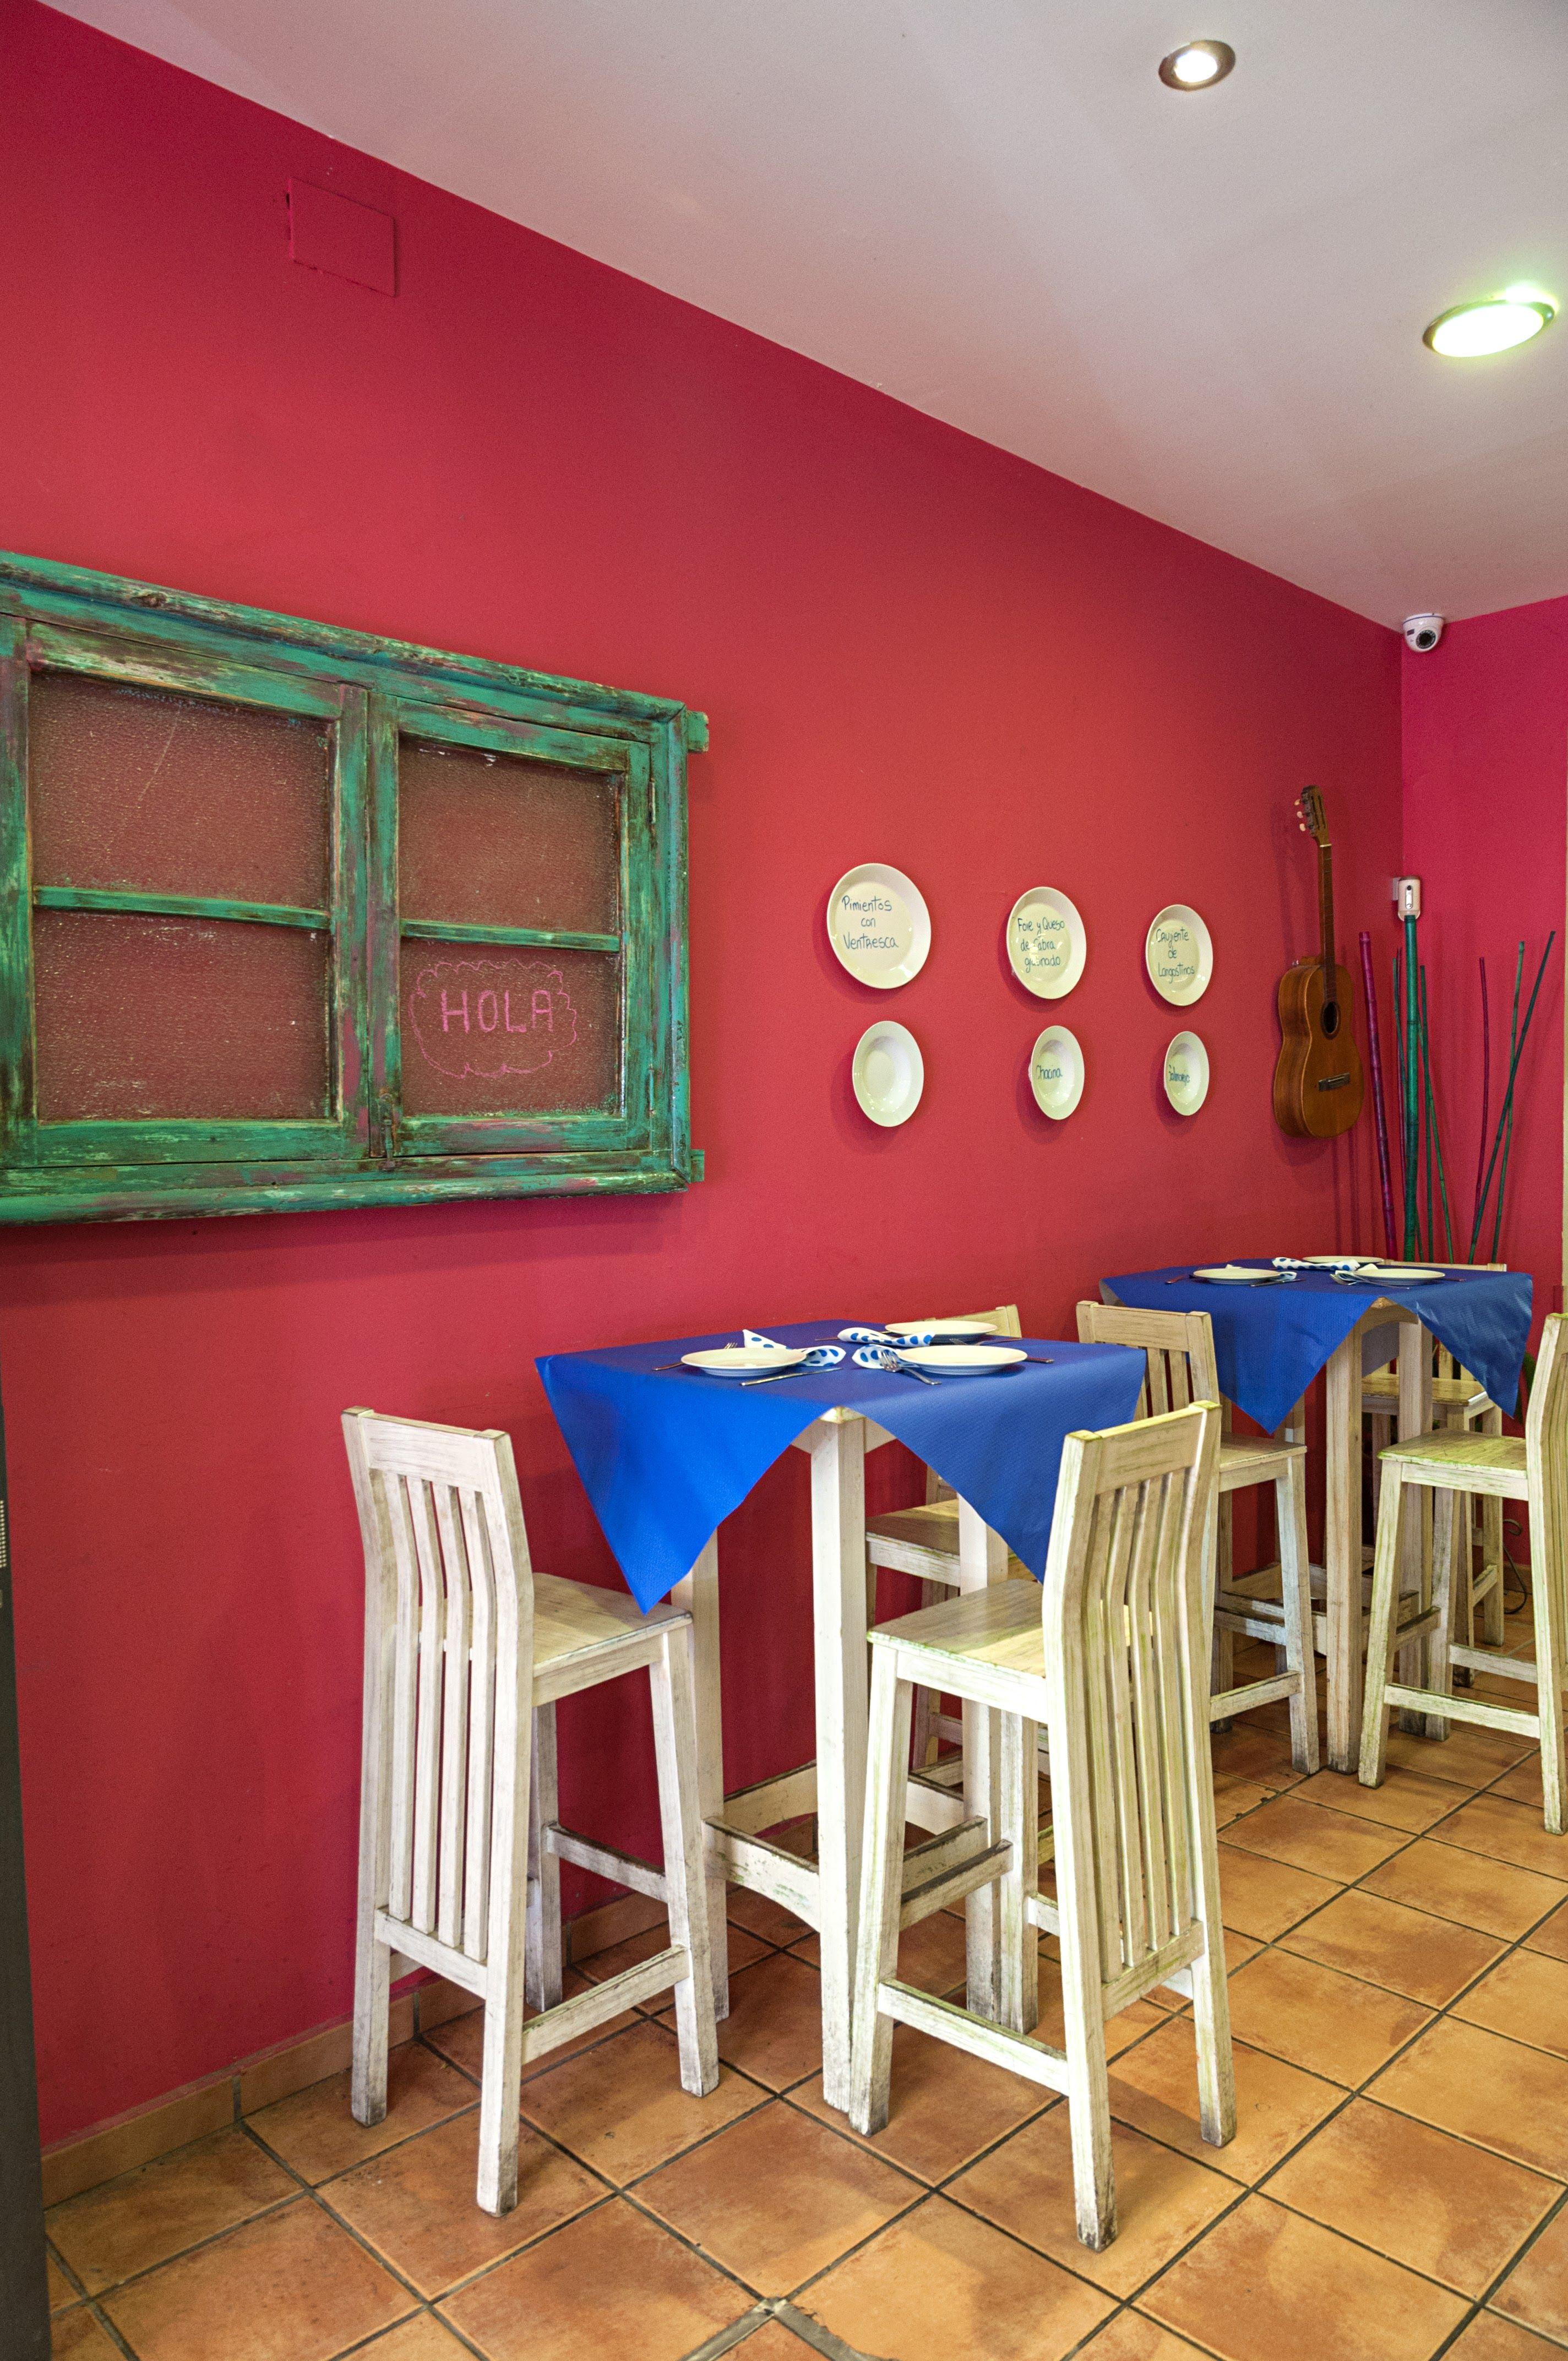 Foto 2 de Restaurantes espectáculo en Sevilla | Lola Cazerola